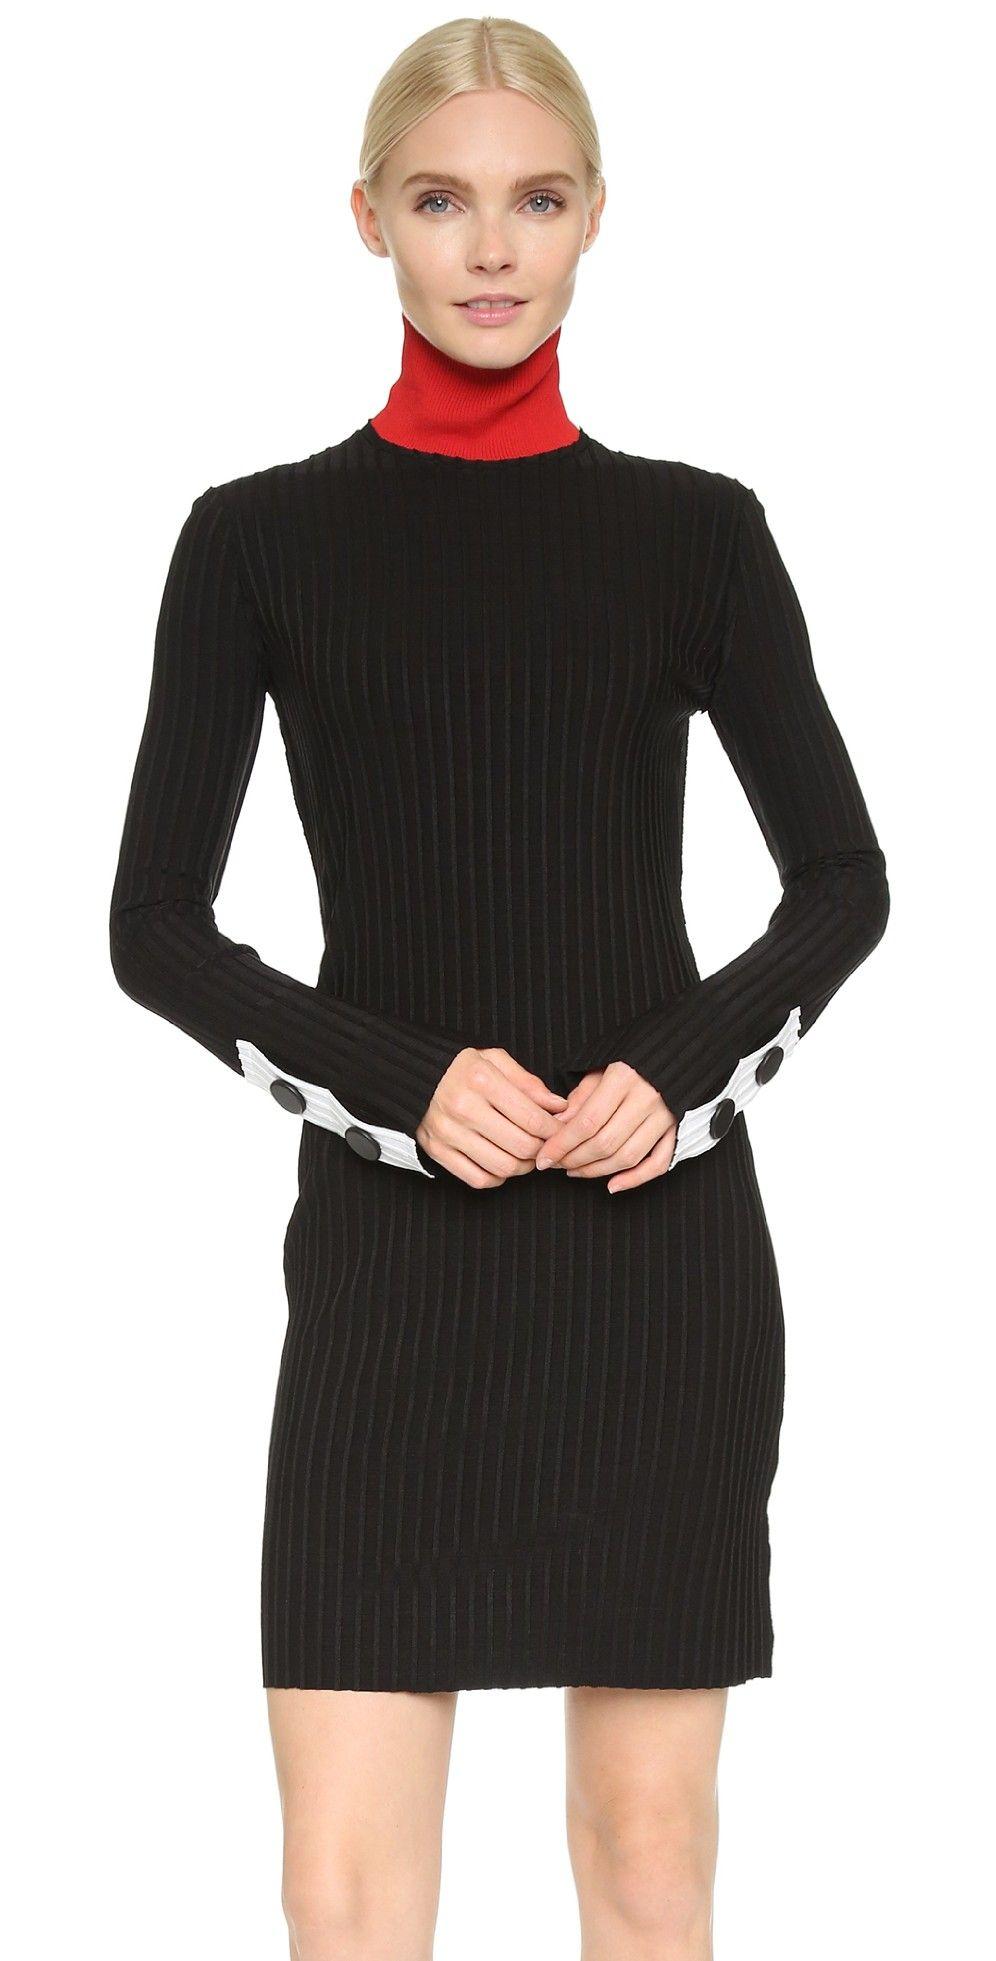 Ribbed turtleneck dress ribbed turtleneck and turtleneck dress